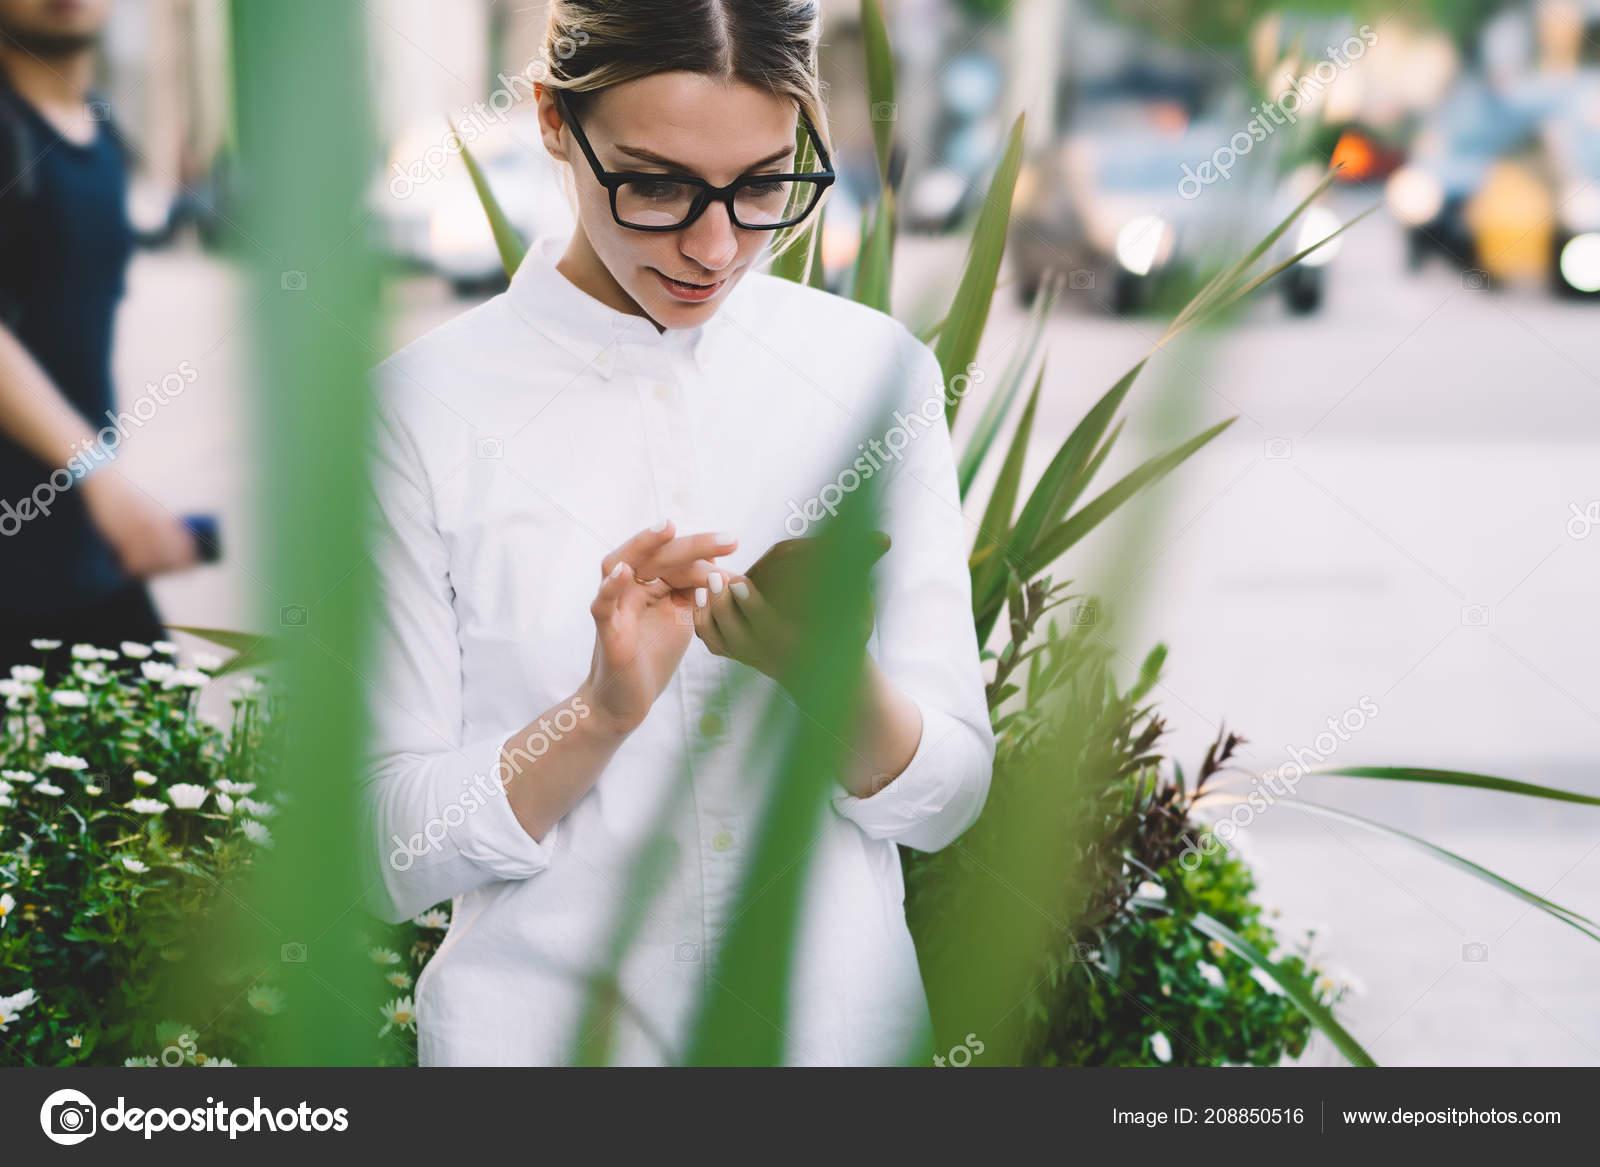 055f5e27c4ac Mladá žena na sobě oblečení čtení novinek na webových stránkách na moderní  smartphone zařízení pomocí připojení k Internetu 4g. Bokovky dívka v  brýlích drží ...